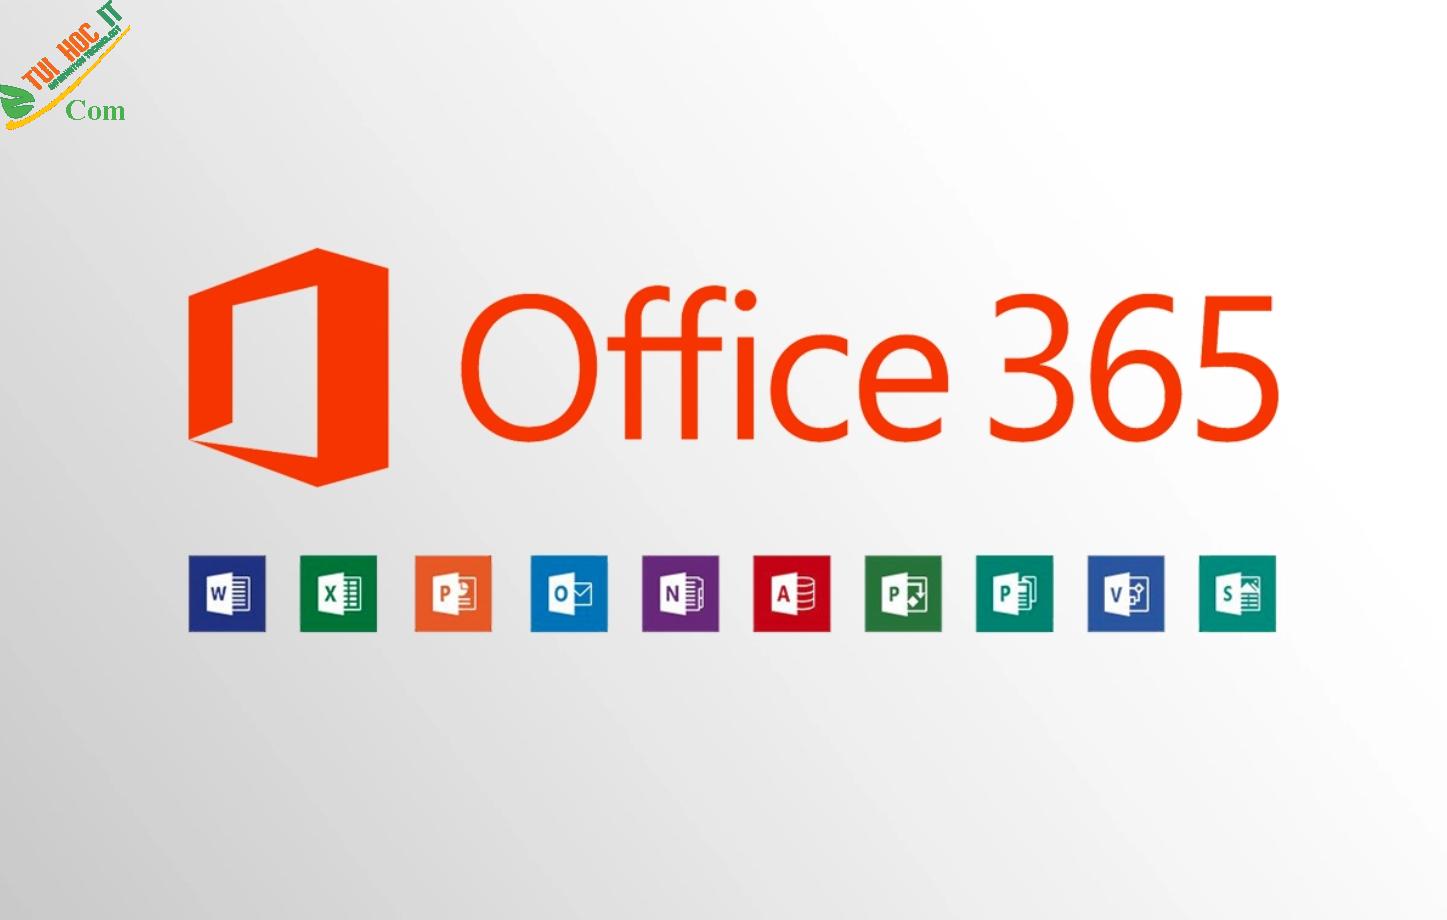 Chia Sẻ Full Key Office 365 Bản Quyền Miễn Phí Mới Nhất 2